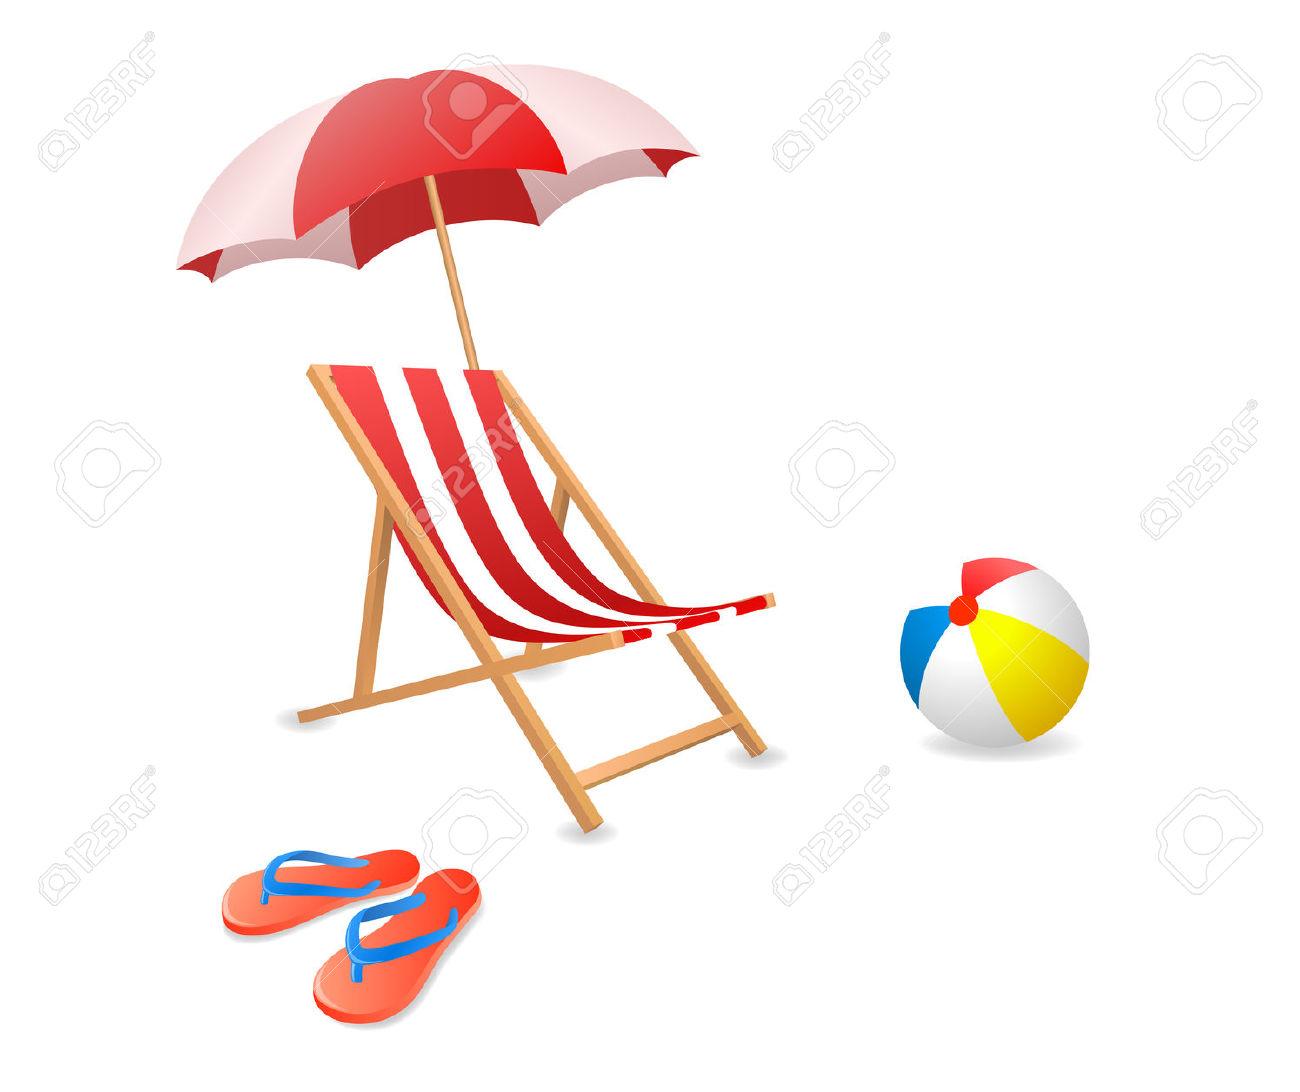 Illustrazione Vettoriale Di Una Sedia Di Spiaggia Con Ombrellone.